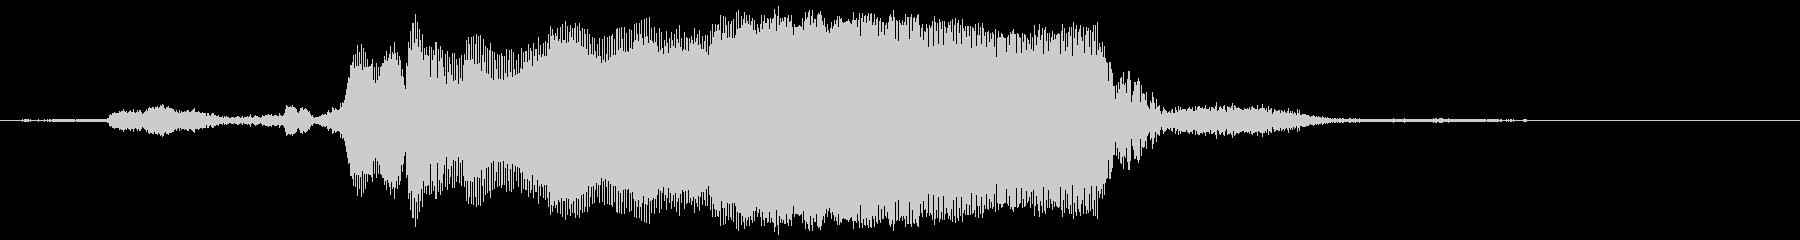 犬の鳴き声(クーン)の未再生の波形